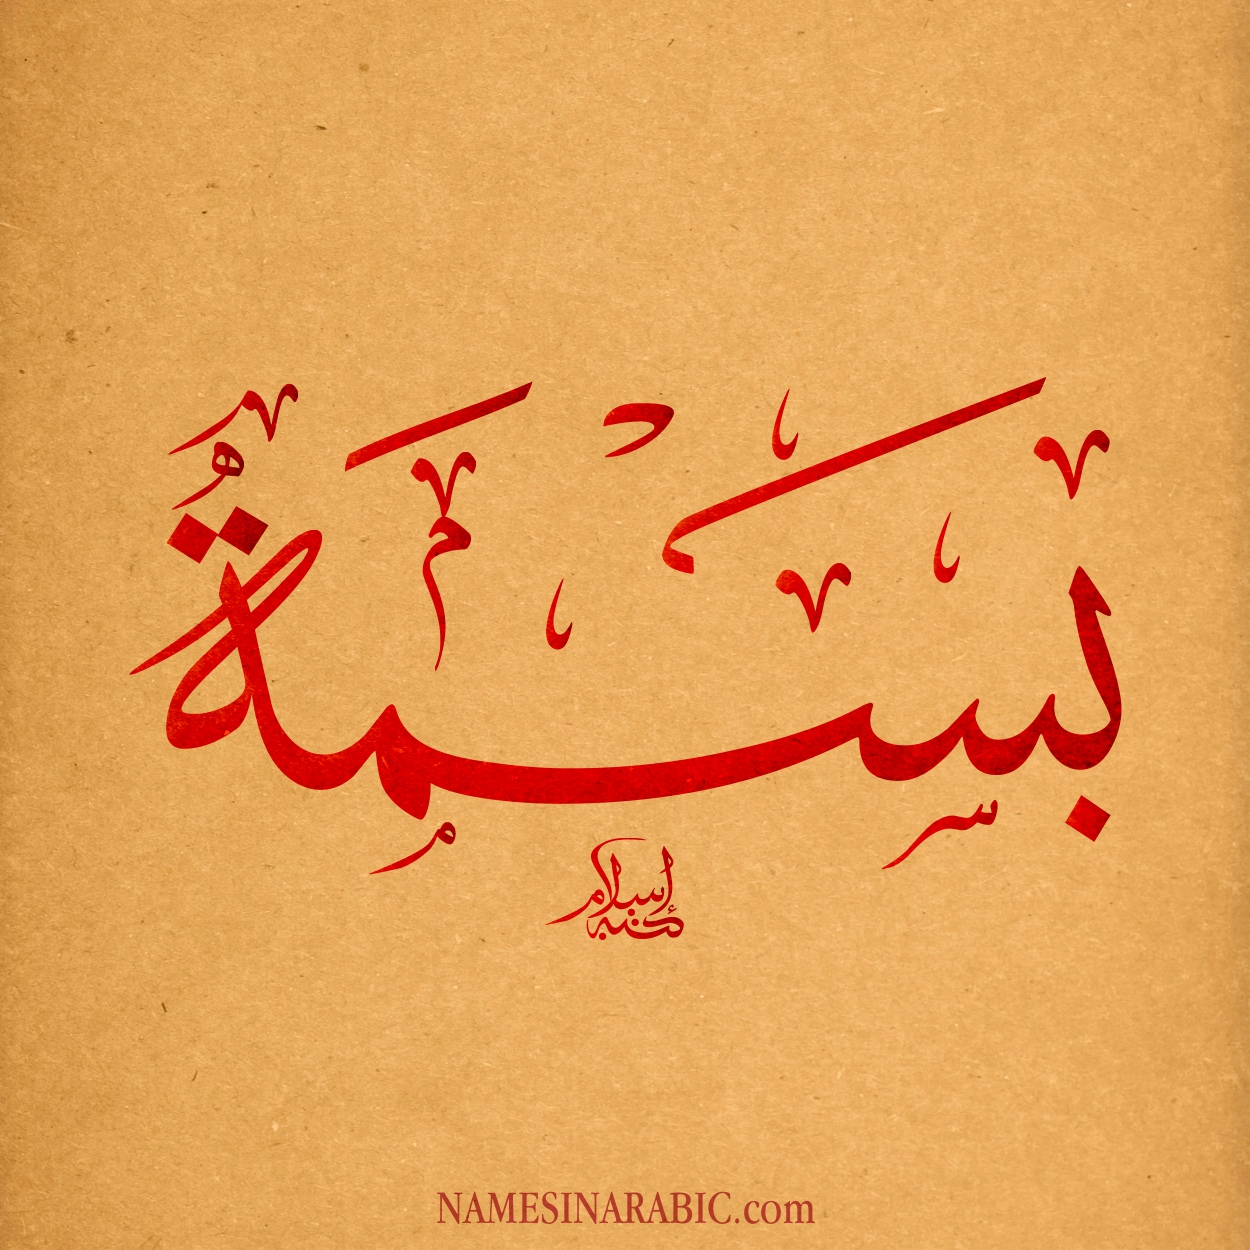 صورة اسم بسمة Basma اسم بسمة بالخط العربي من موقع الأسماء بالخط العربي بريشة الفنان إسلام ابن الفضل